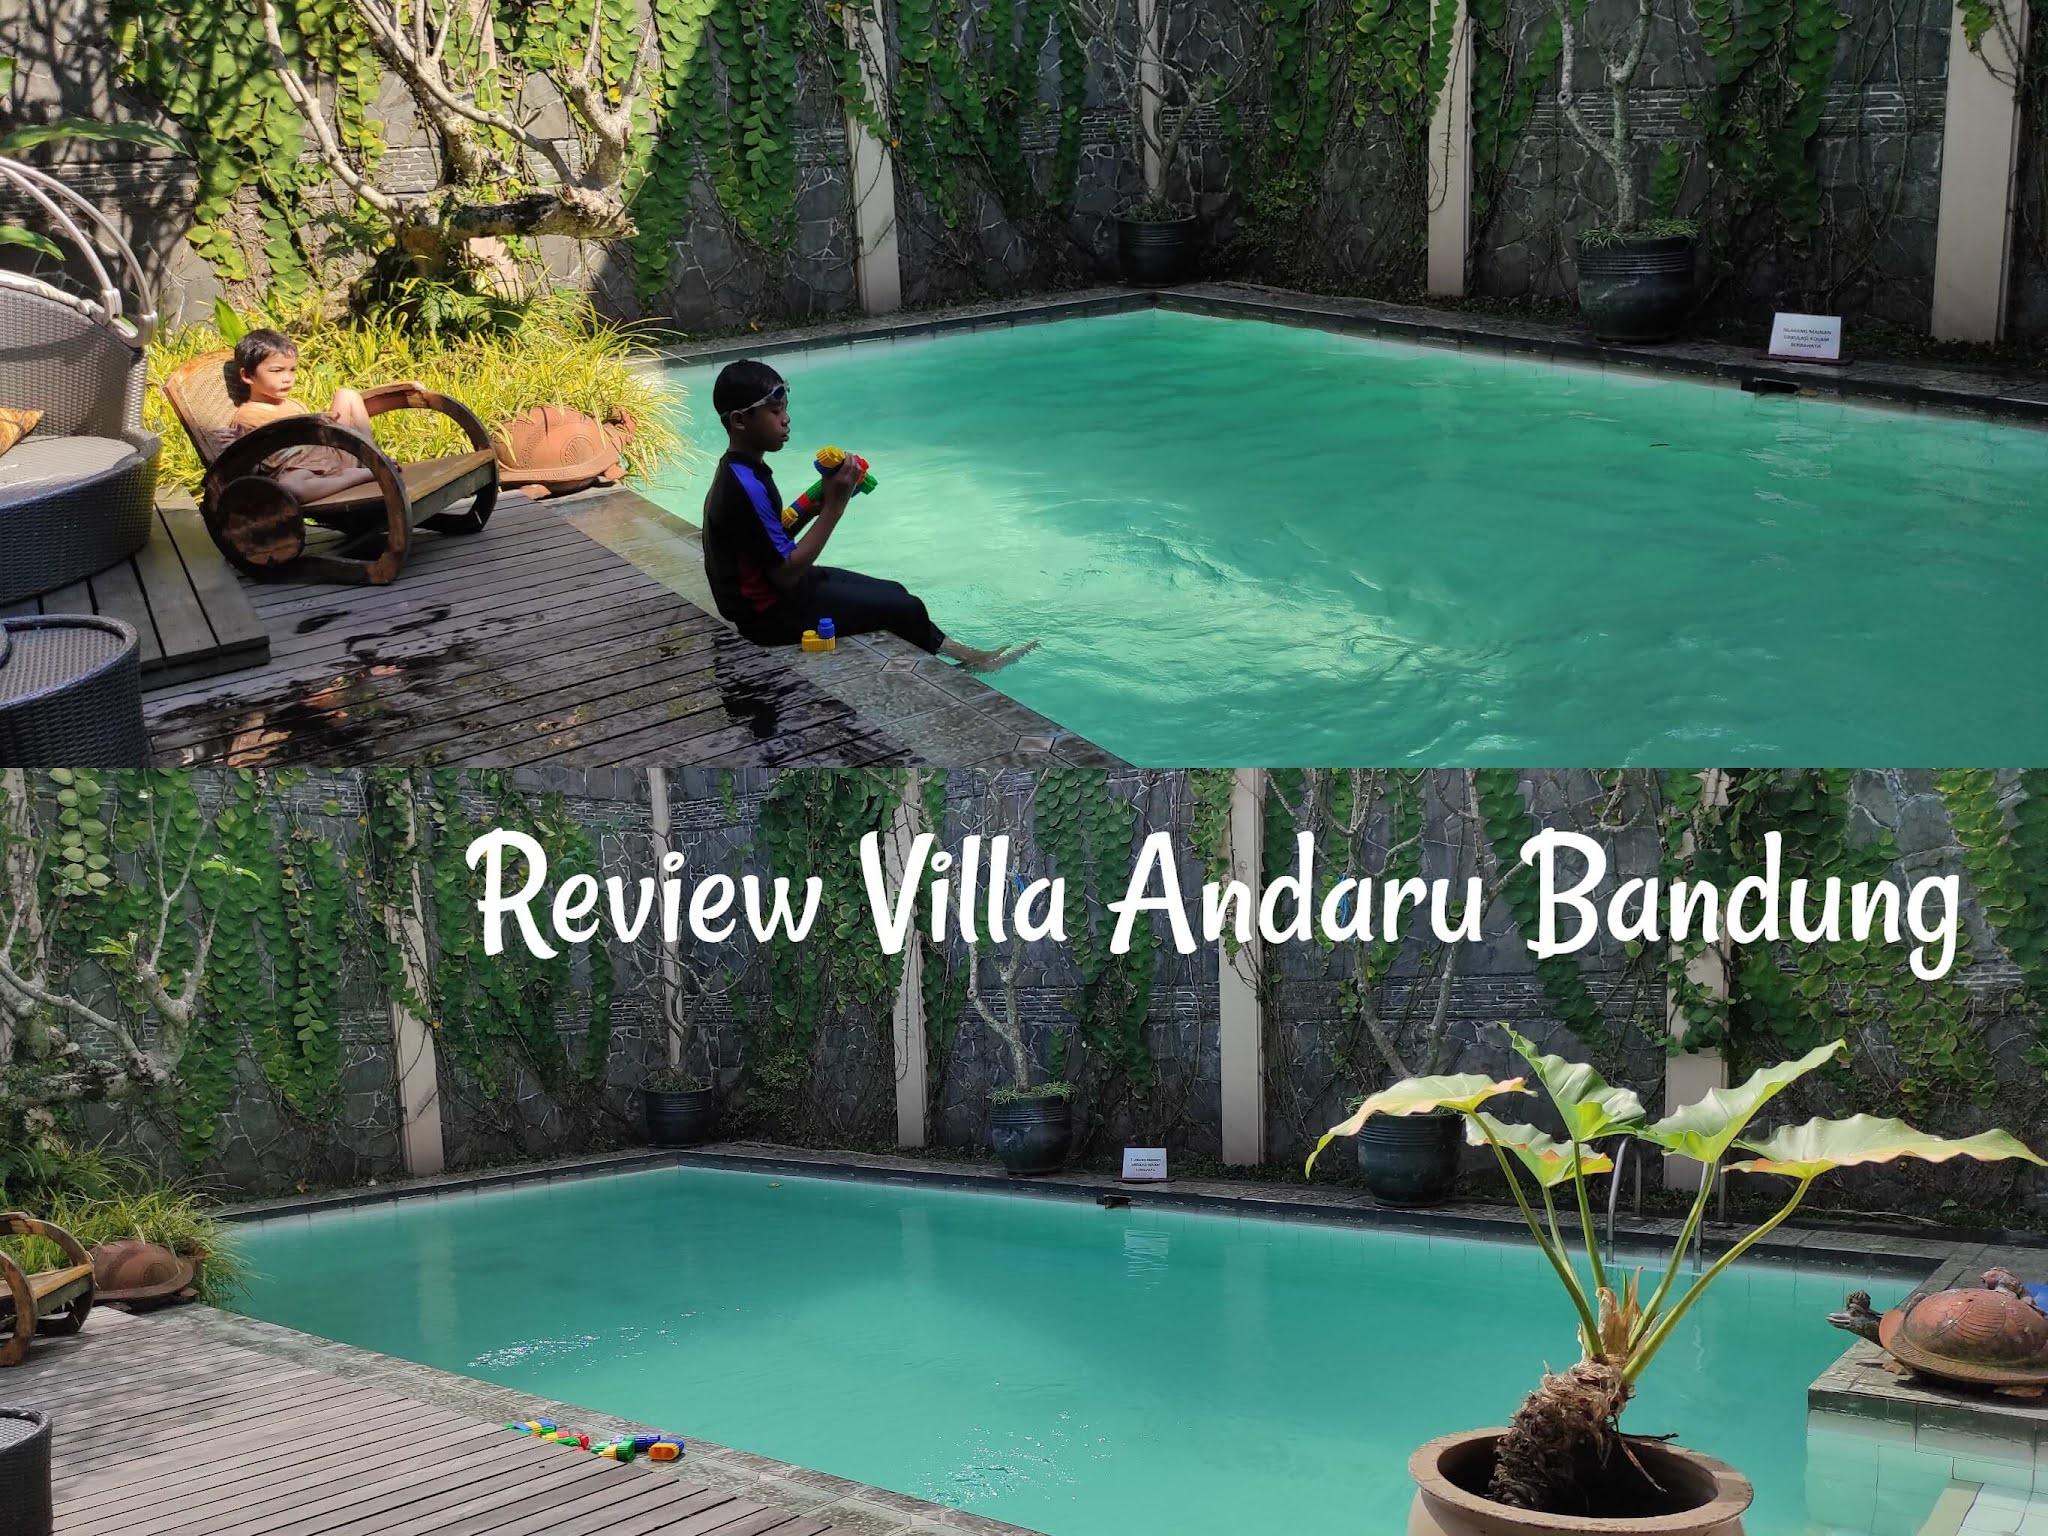 review villa andaru bandung